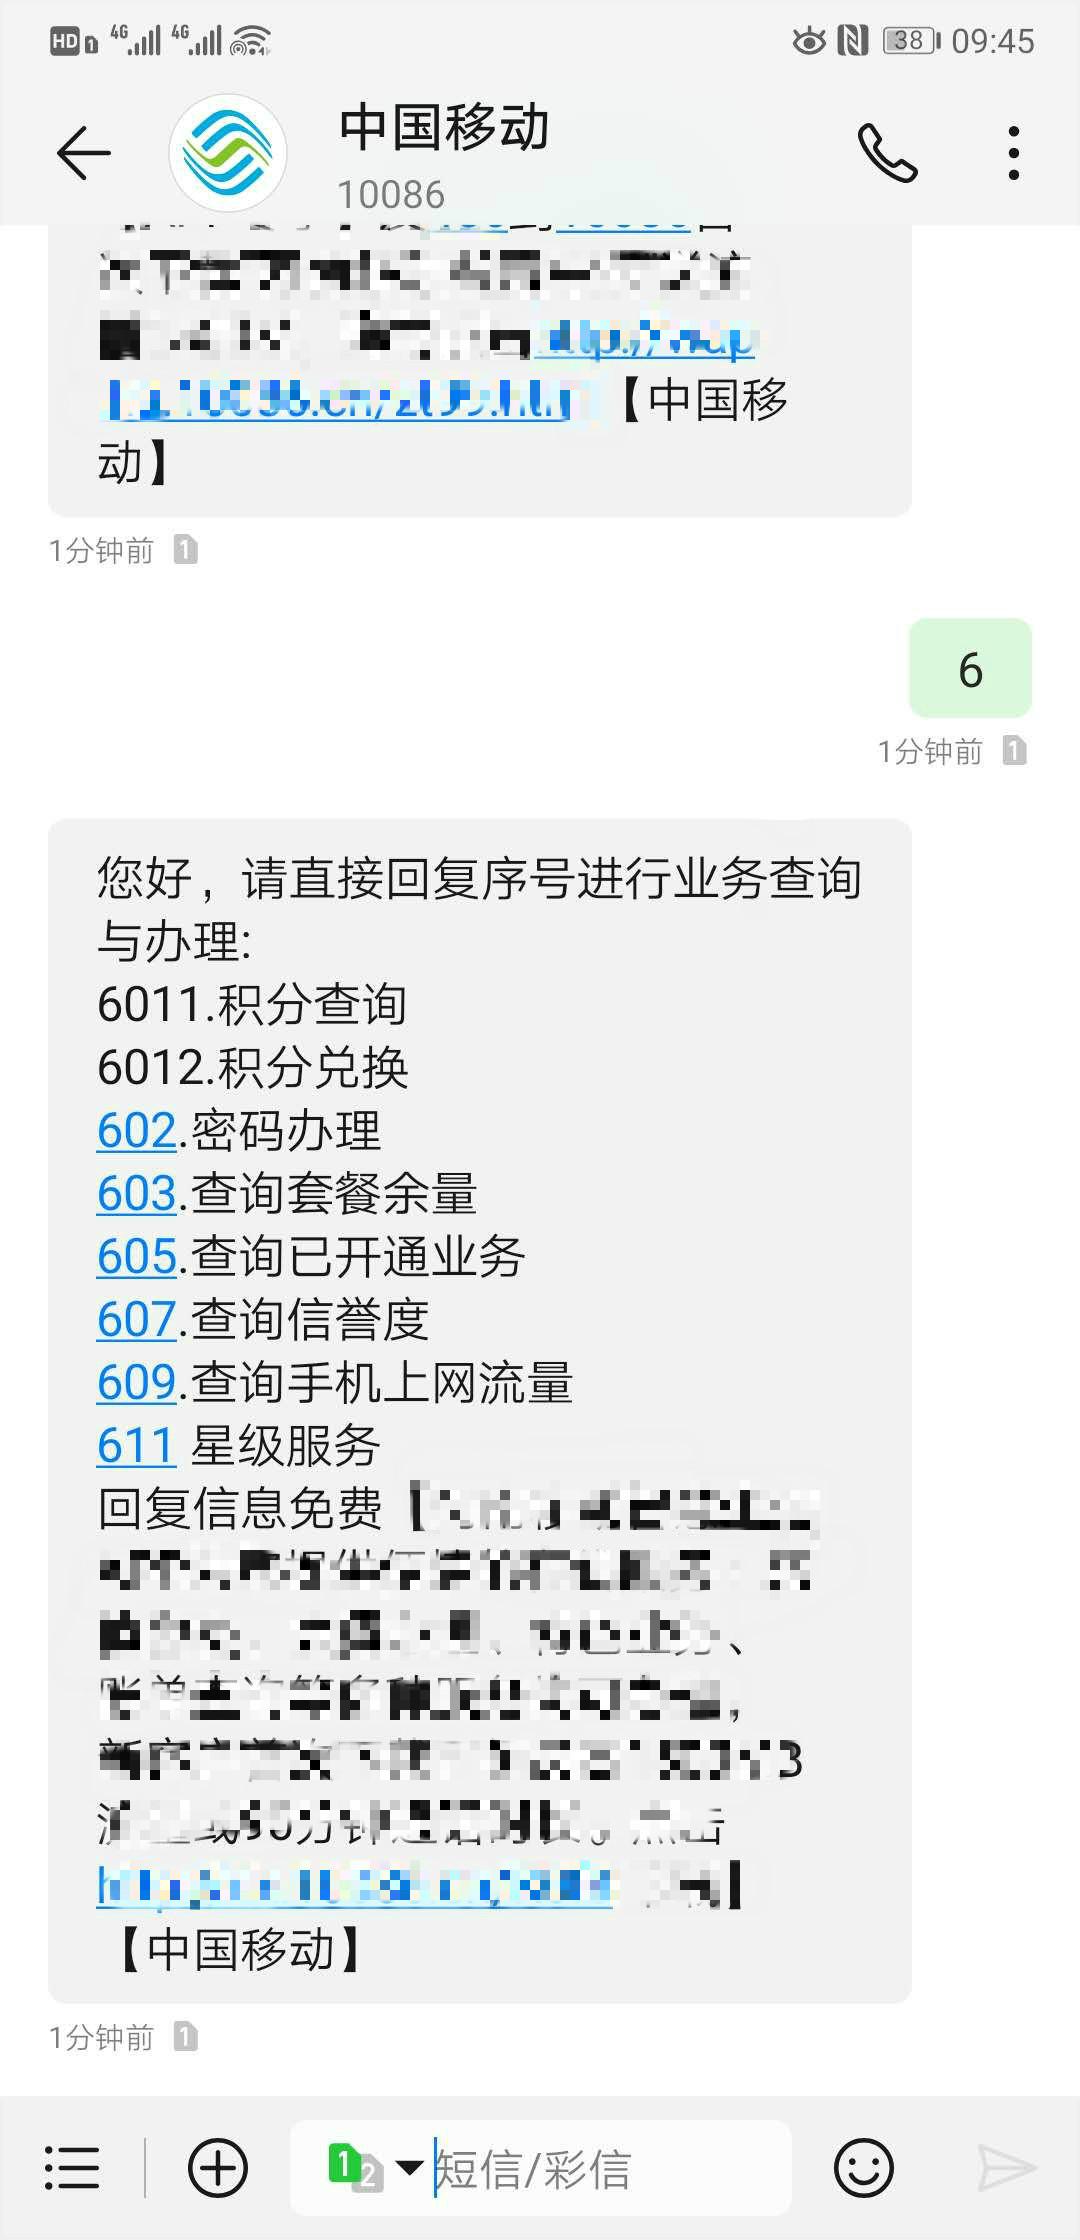 手机运营商服务密码怎么查(查询自己手机服务密码)